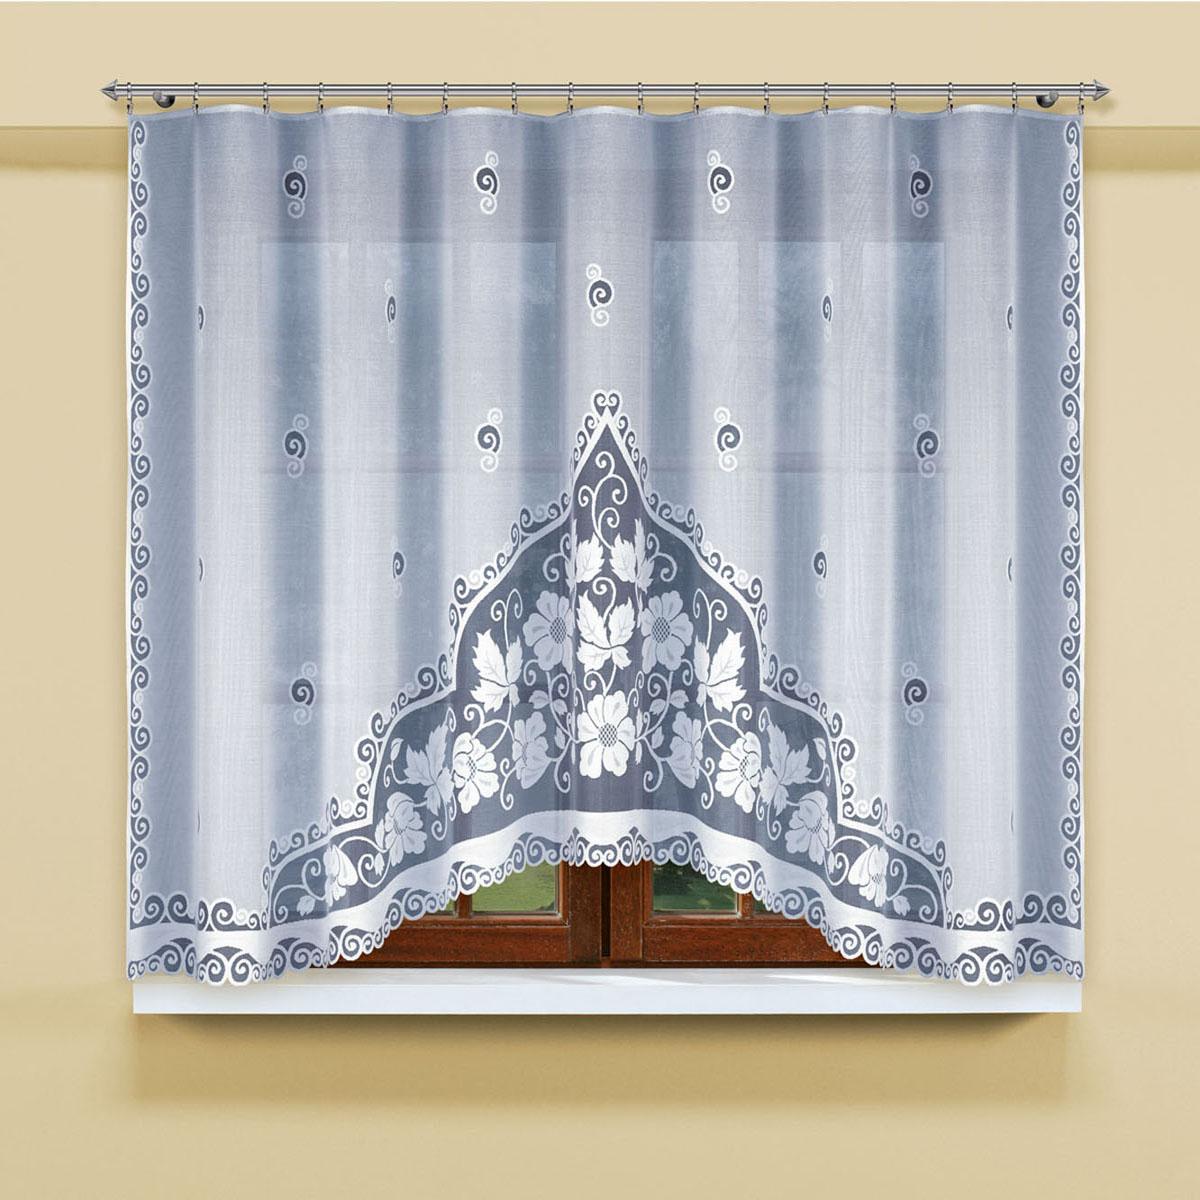 Гардина Haft, цвет: белый, ширина 300 см, высота 160 см. 201120/160201120/160Гардина из жаккардовой ткани контрастого белого цвета Размеры: высота160х ширина300